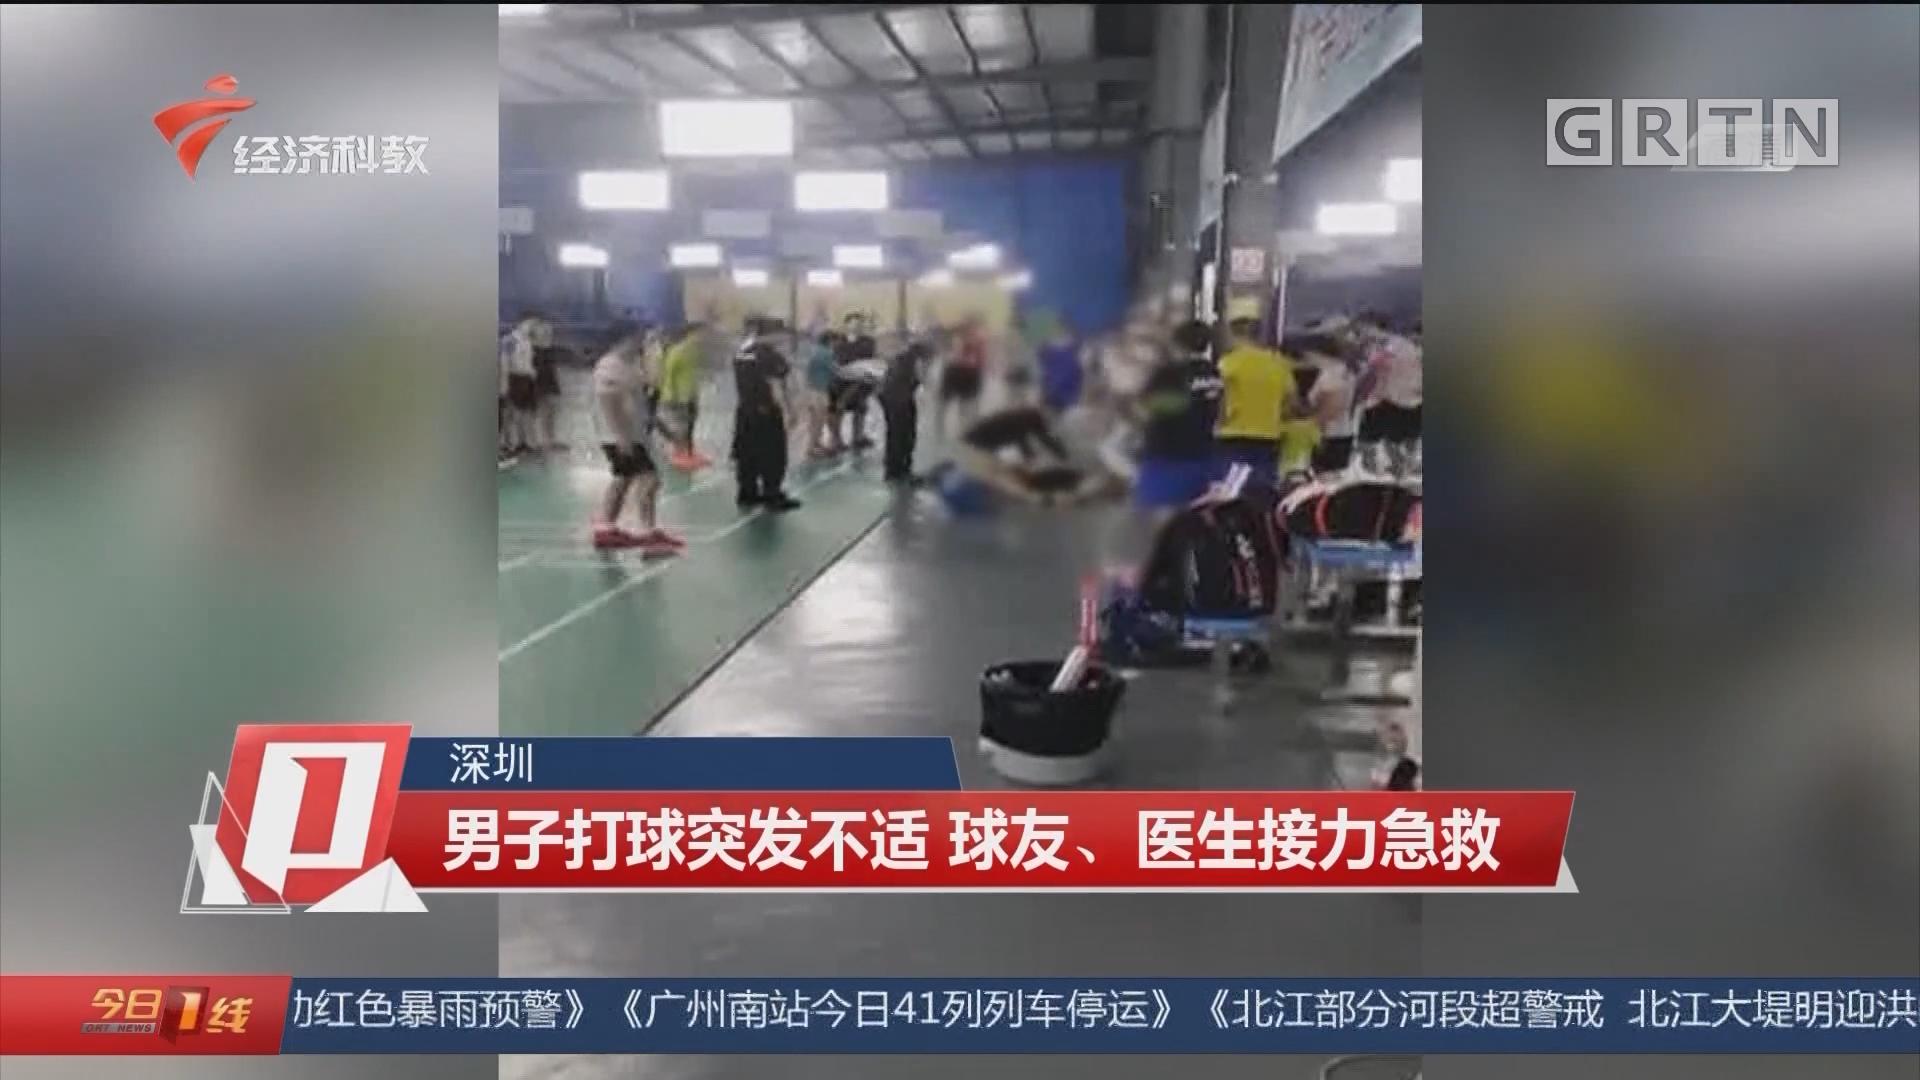 深圳:男子打球突发不适 球友、医生接力急救